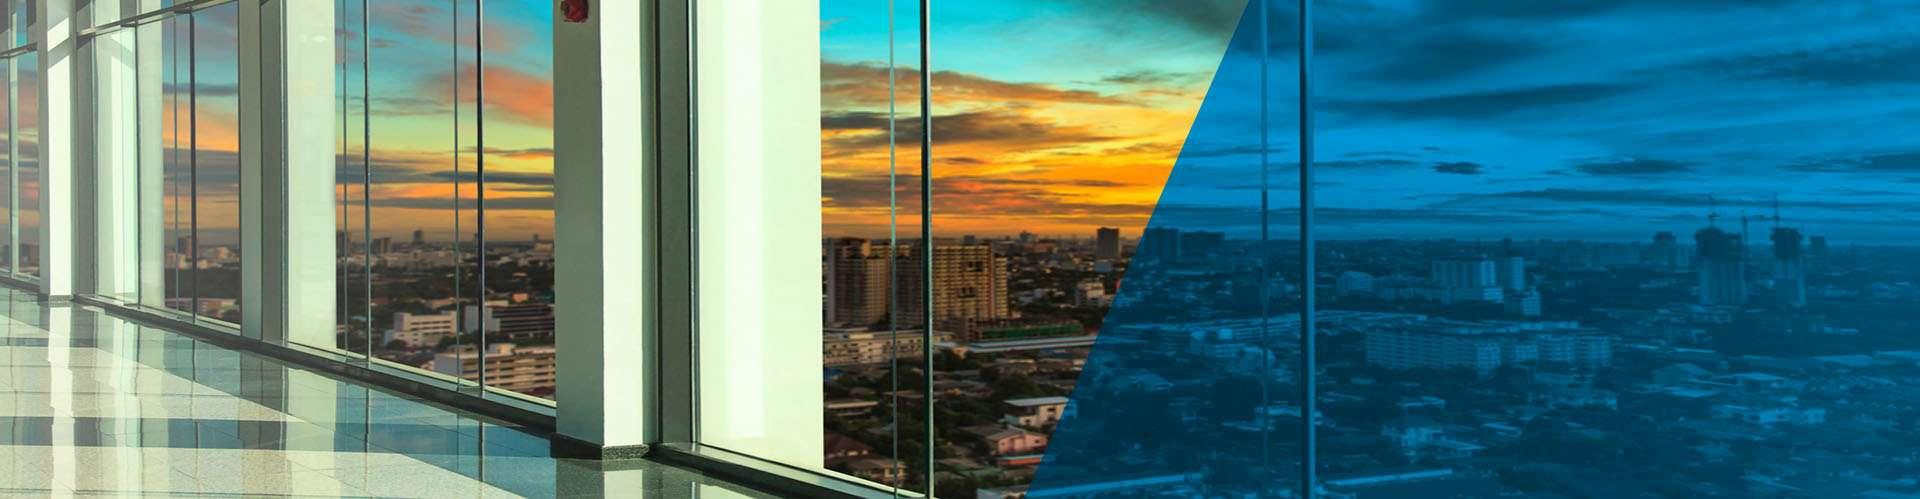 Full Size of Alte Fenster Kaufen Gnstig Online Kunststofffenster Aus Mit Lüftung Bad Handtuchhalter Sicherheitsfolie Test Konfigurator Dänische Sofa Verkaufen Fenster Alte Fenster Kaufen